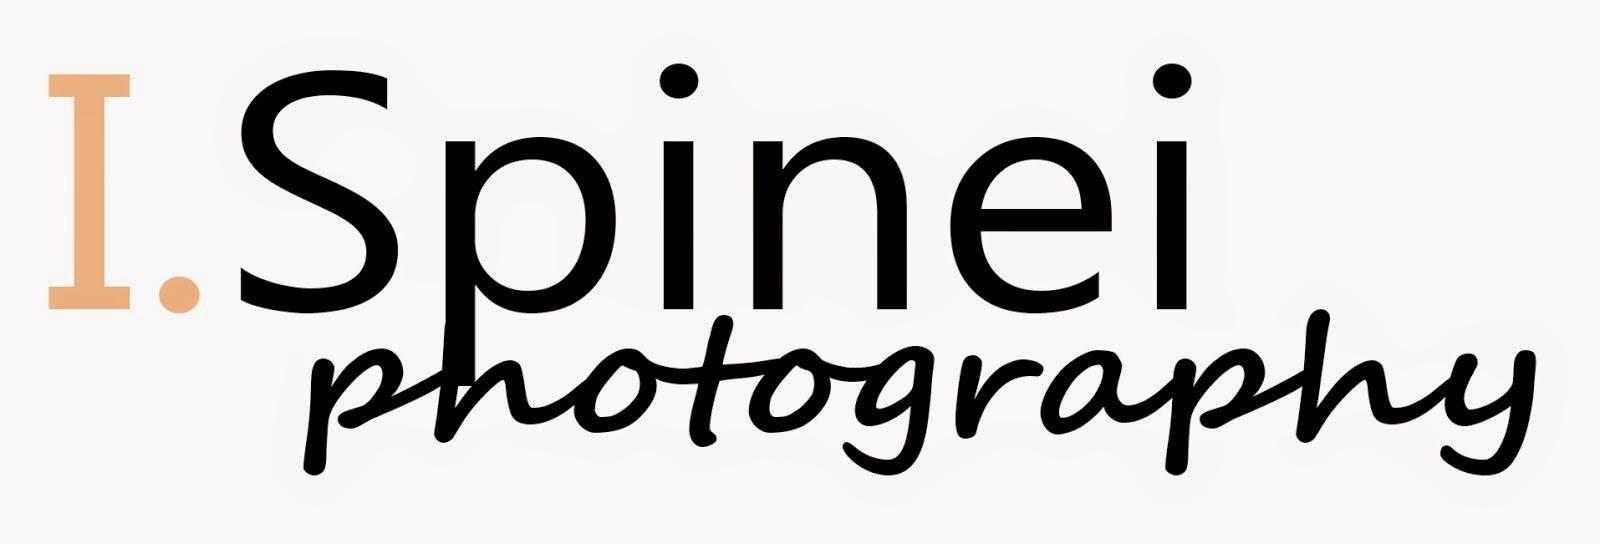 Fotografa proiectului